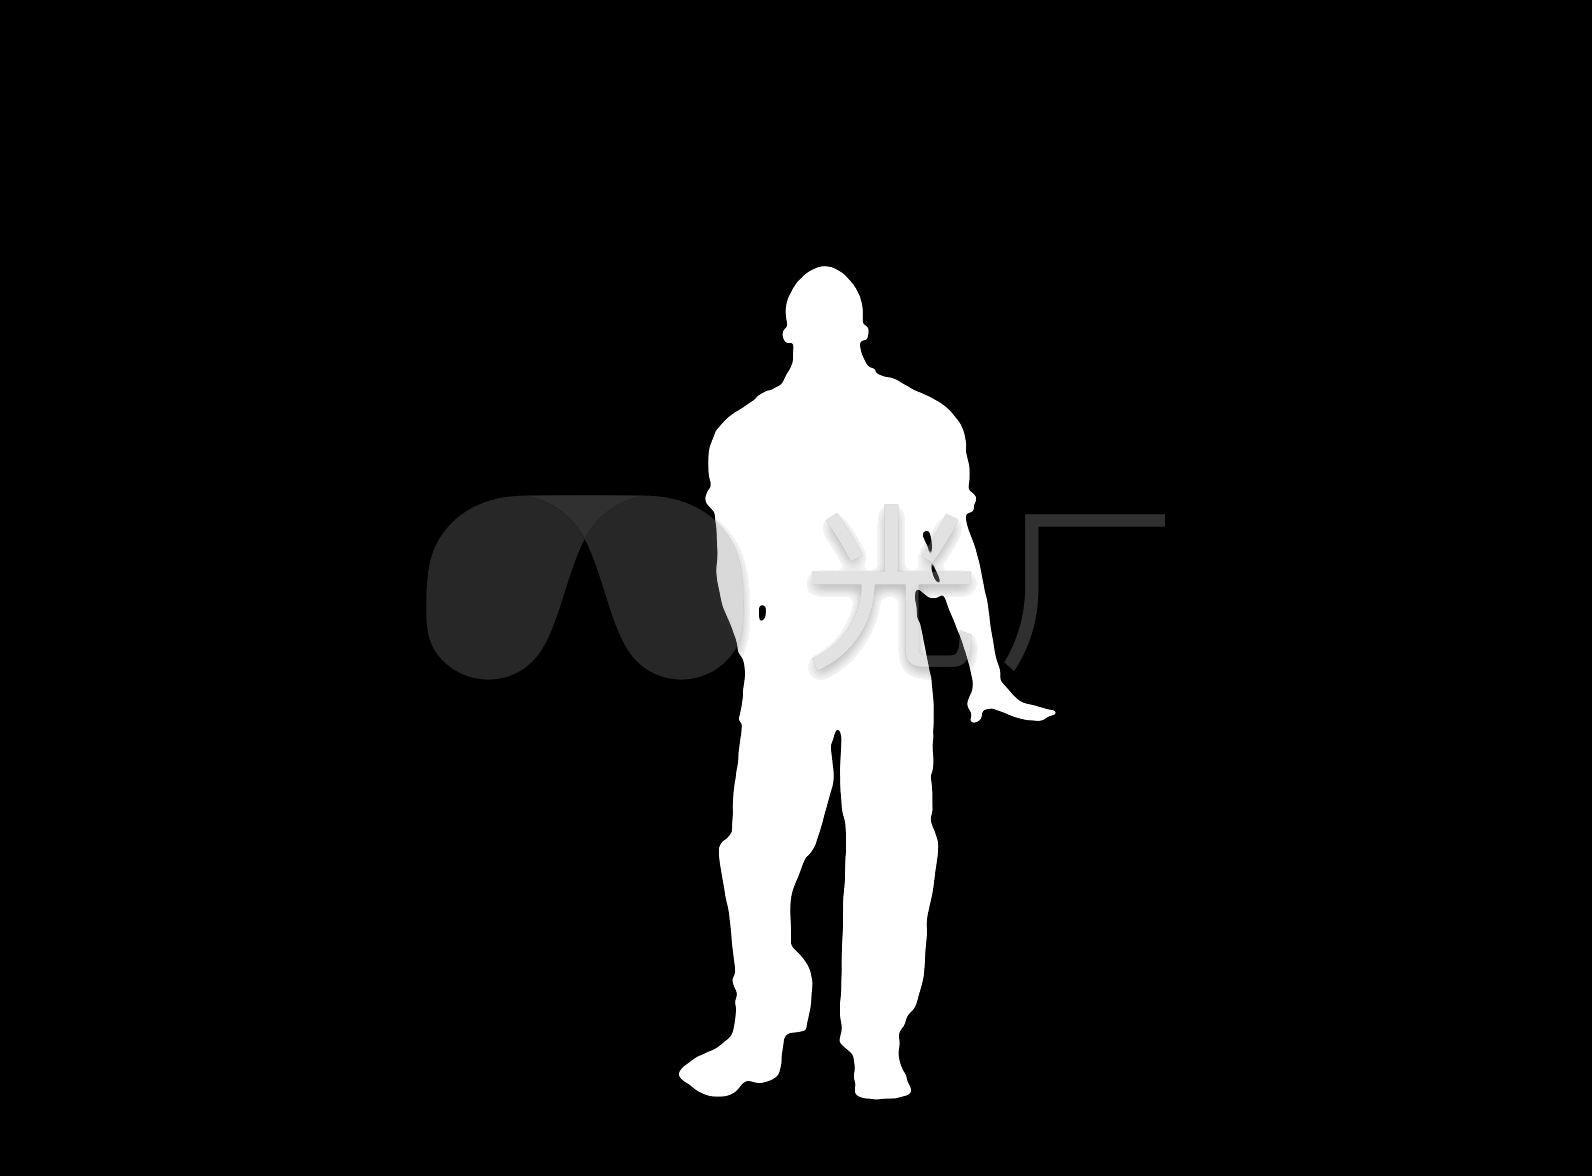 剪影黑白哑铃动态跳舞抠像男人_1592X1176_视频视频推卧图片